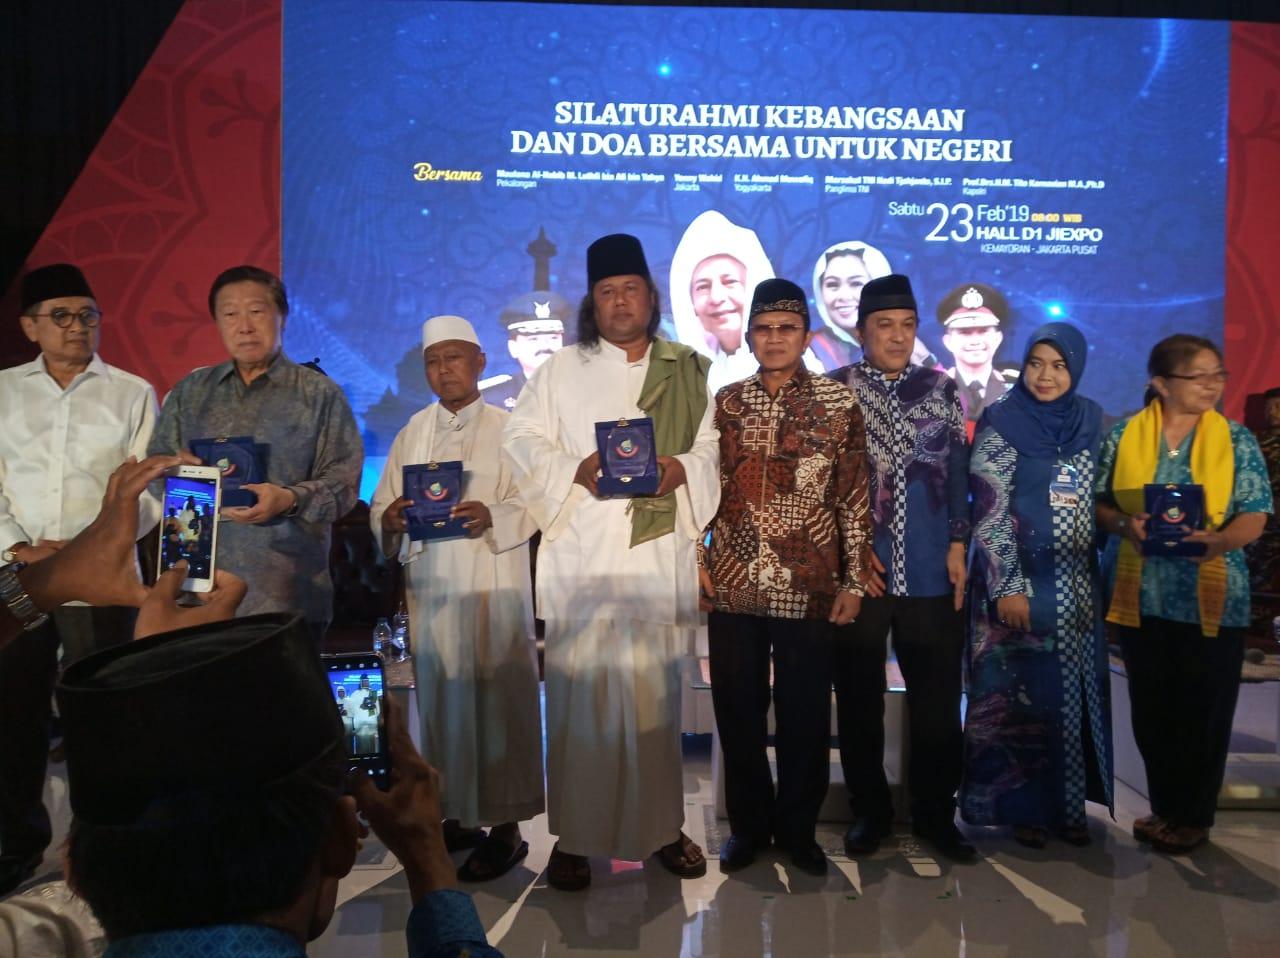 Lathoiful Istiqlal Bersama Panglima TNI Ajak 5.000 Jamaah Perkuat Semangat Persaudaraan dalam Kebangsaan 1